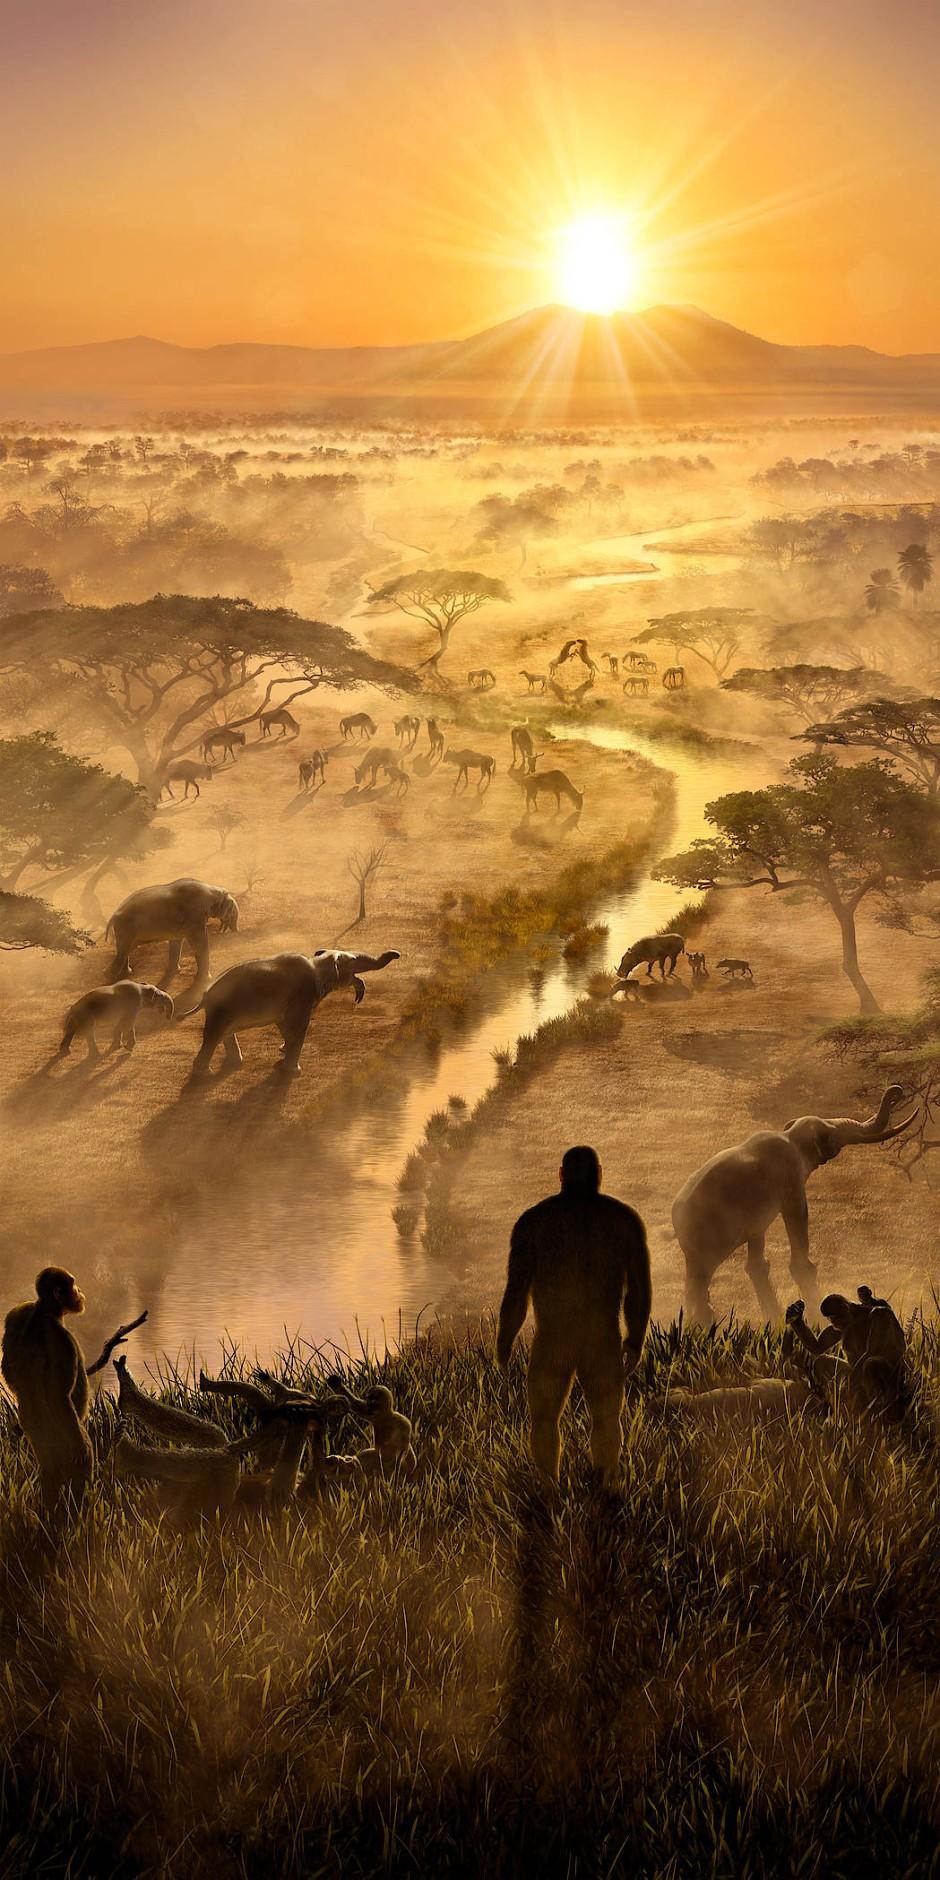 """Eine nachgestellte Szene, 2,3 Millionen Jahre vor heute, aus der Ausstellung des Hessischen Landesmuseums Darmstadt """"Expanding Worlds""""."""